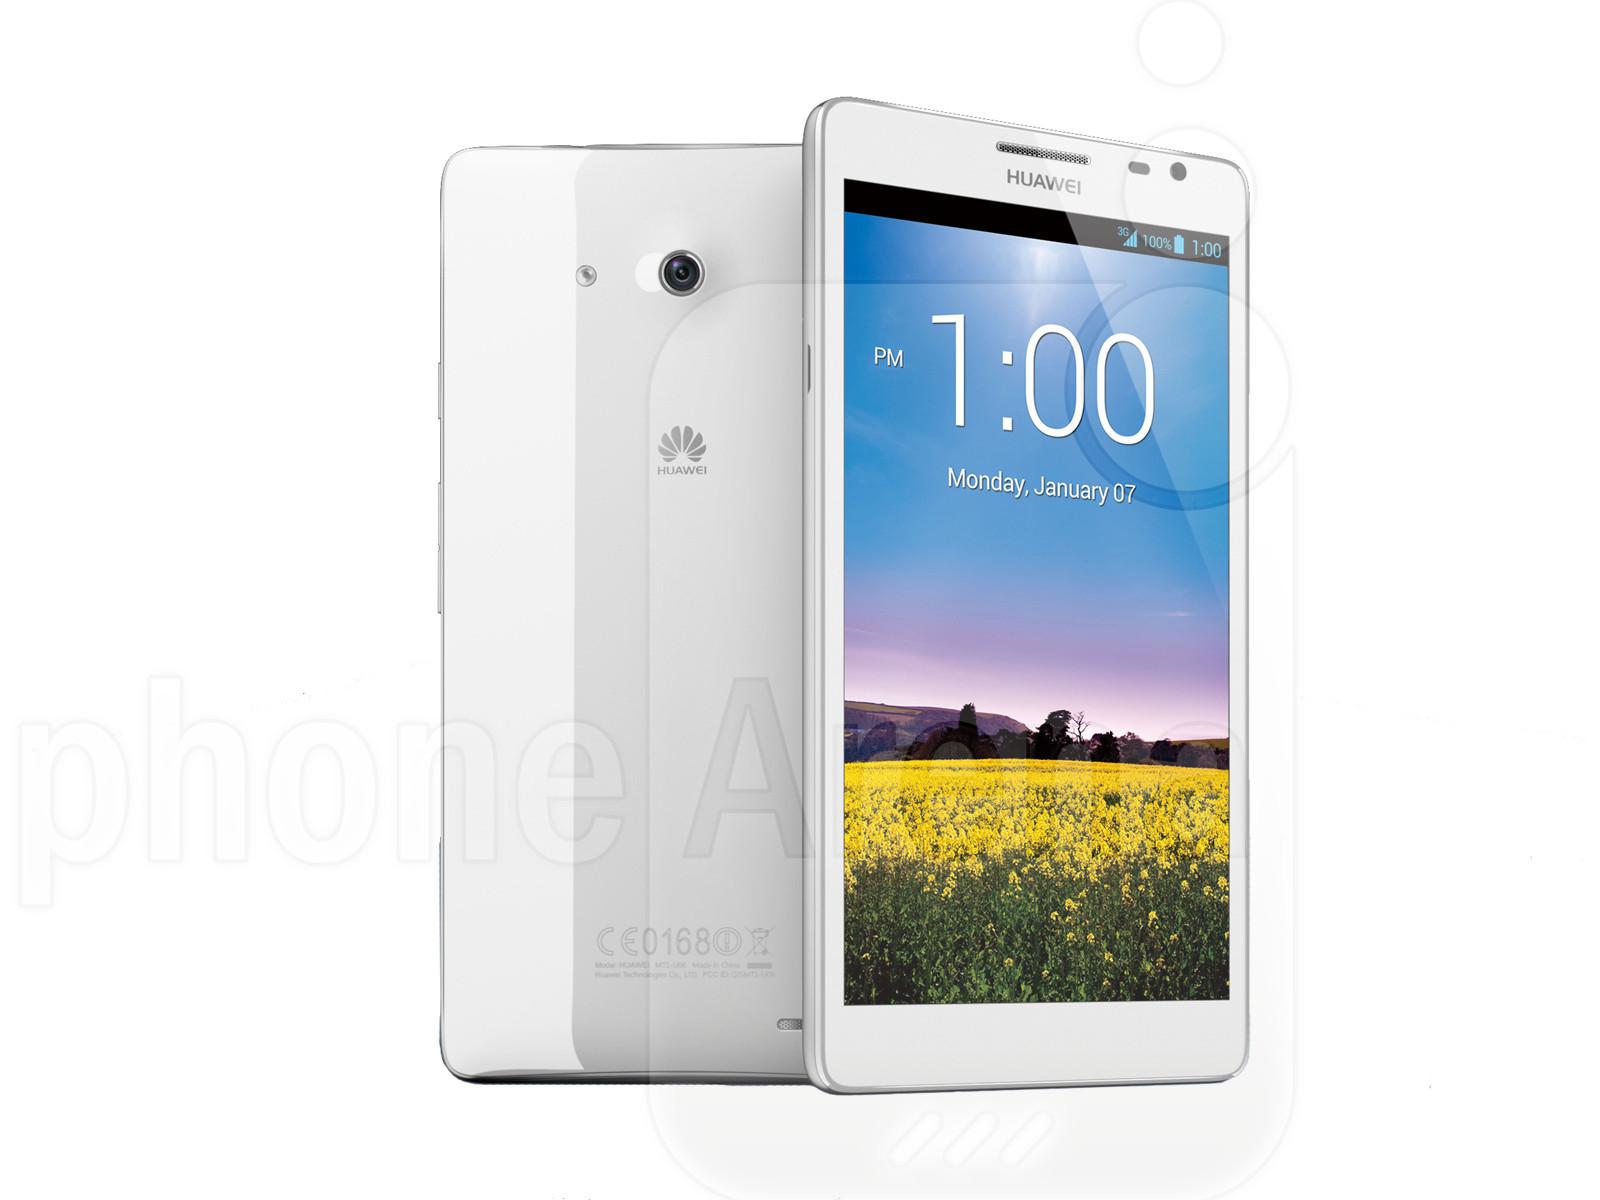 """Huawei Ascend Mate - smartphone z 6,1"""" ekranem Full HD wkr�tce w sprzeda�y"""